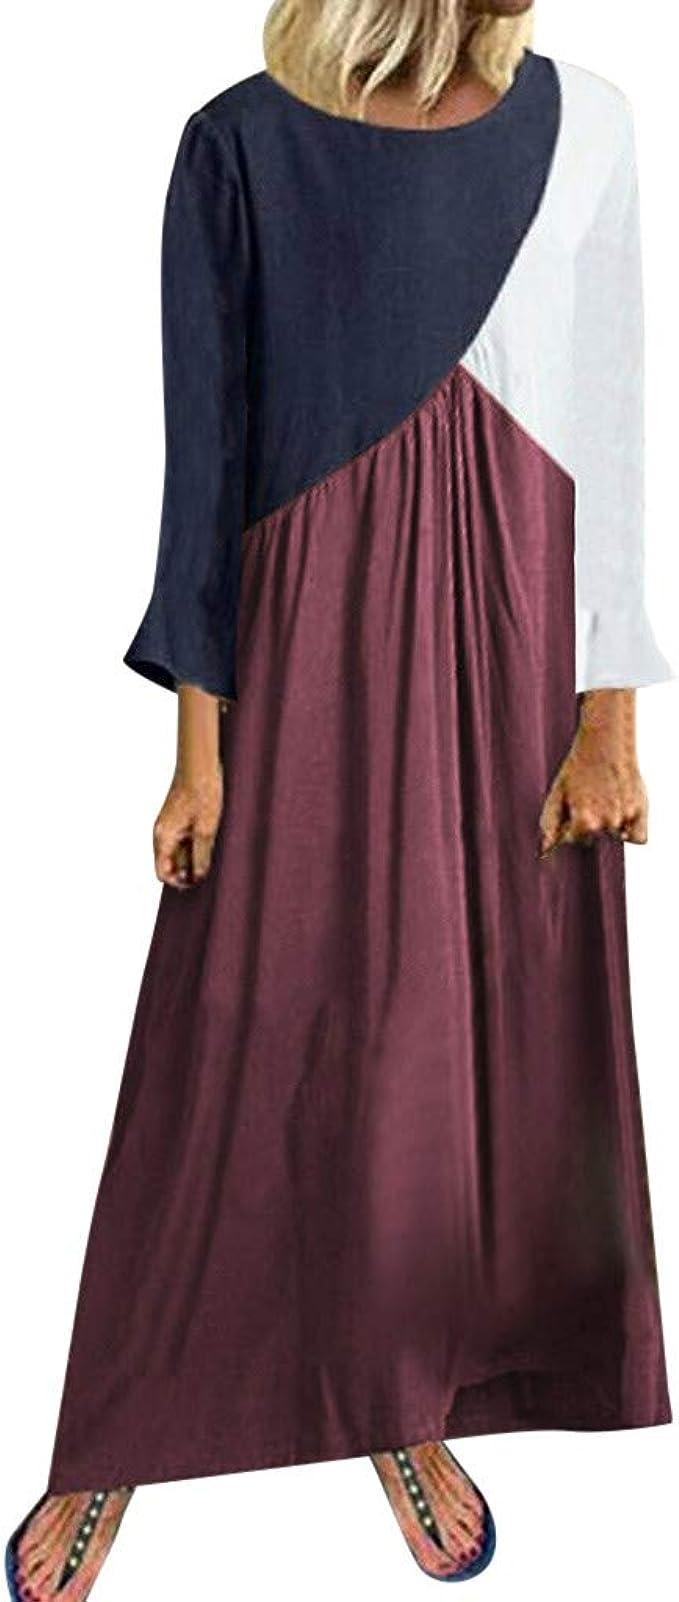 iFRich Vestidos Casual Verano, Vestido De Lino De Verano Vestido Mujer Verano De Playa Camiseta AlgodóN Casual Tallas Grandes Vestido Suelto de Manga Corta hasta el Suelo para Mujer: Amazon.es: Ropa y